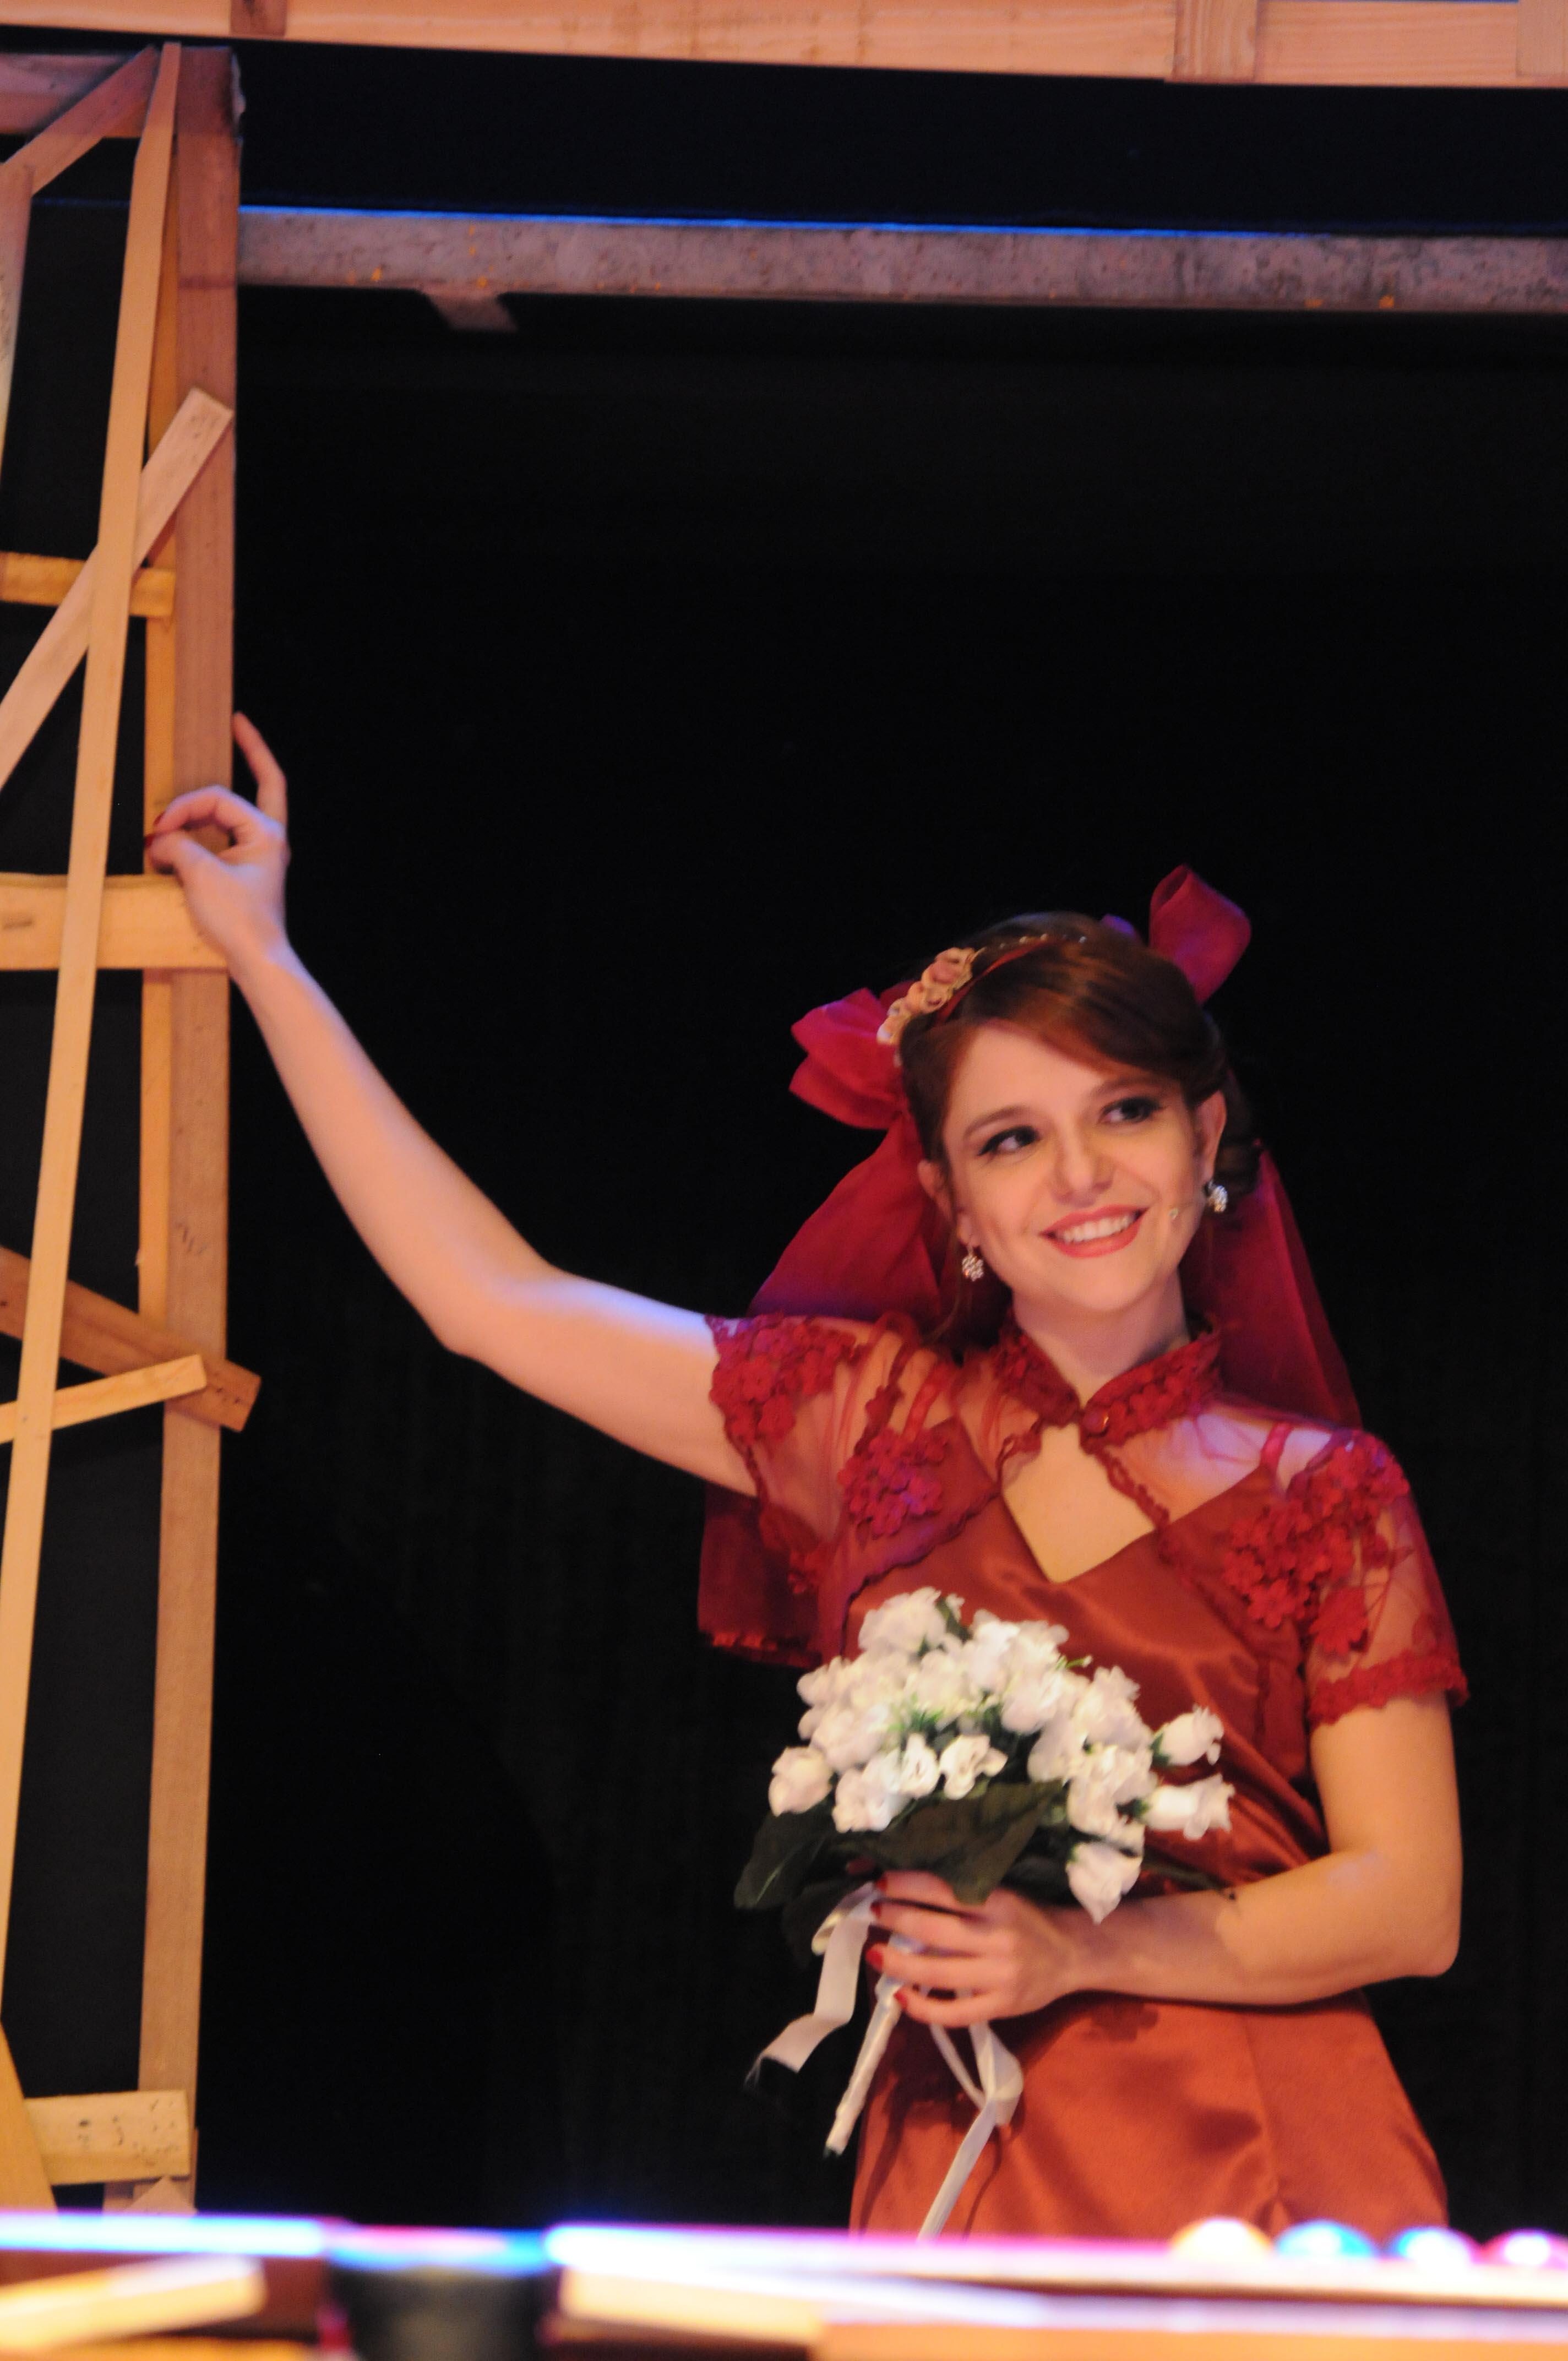 Ópera do Malandro, por Bob Sousa